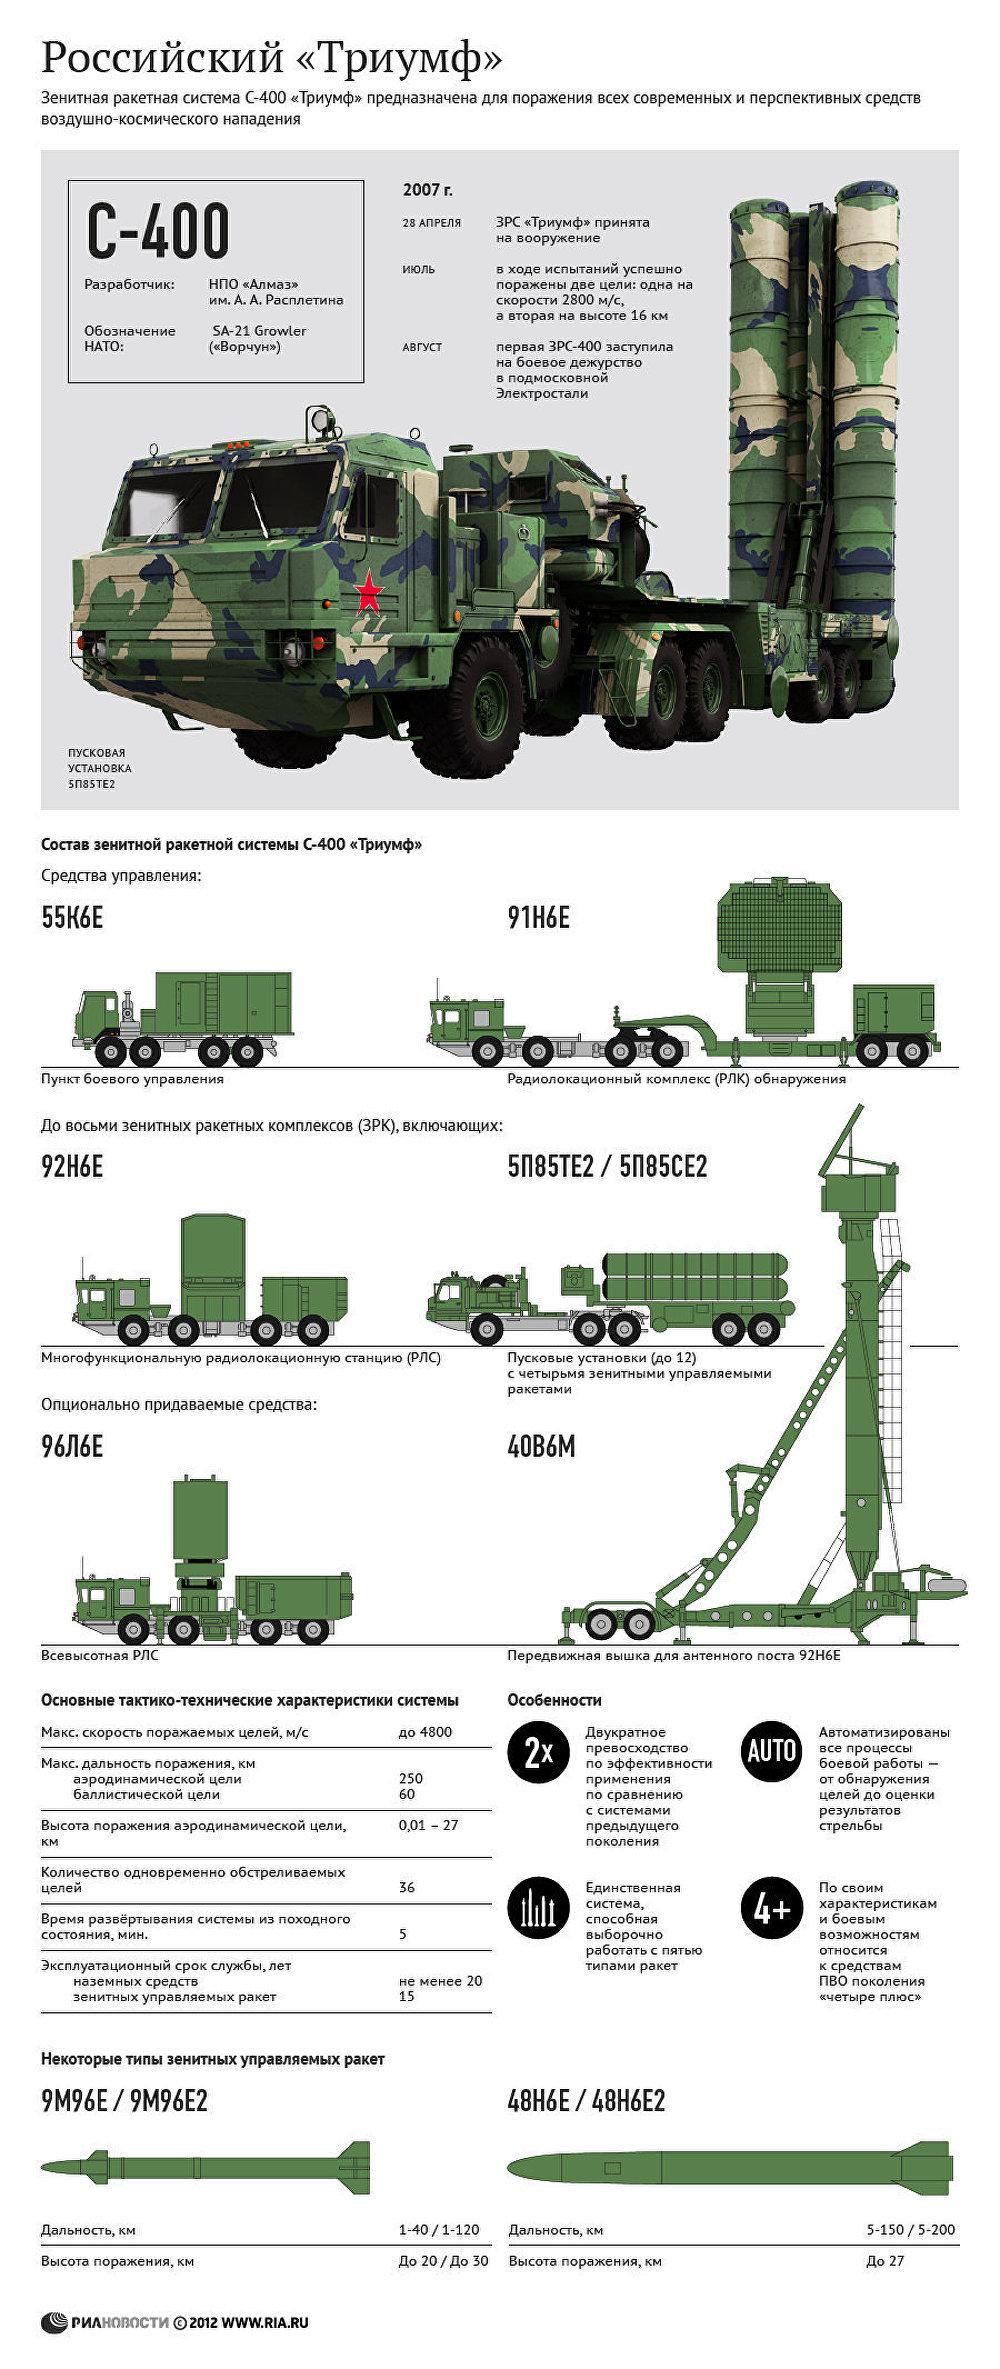 Зенитная ракетная система С-400: российский Триумф